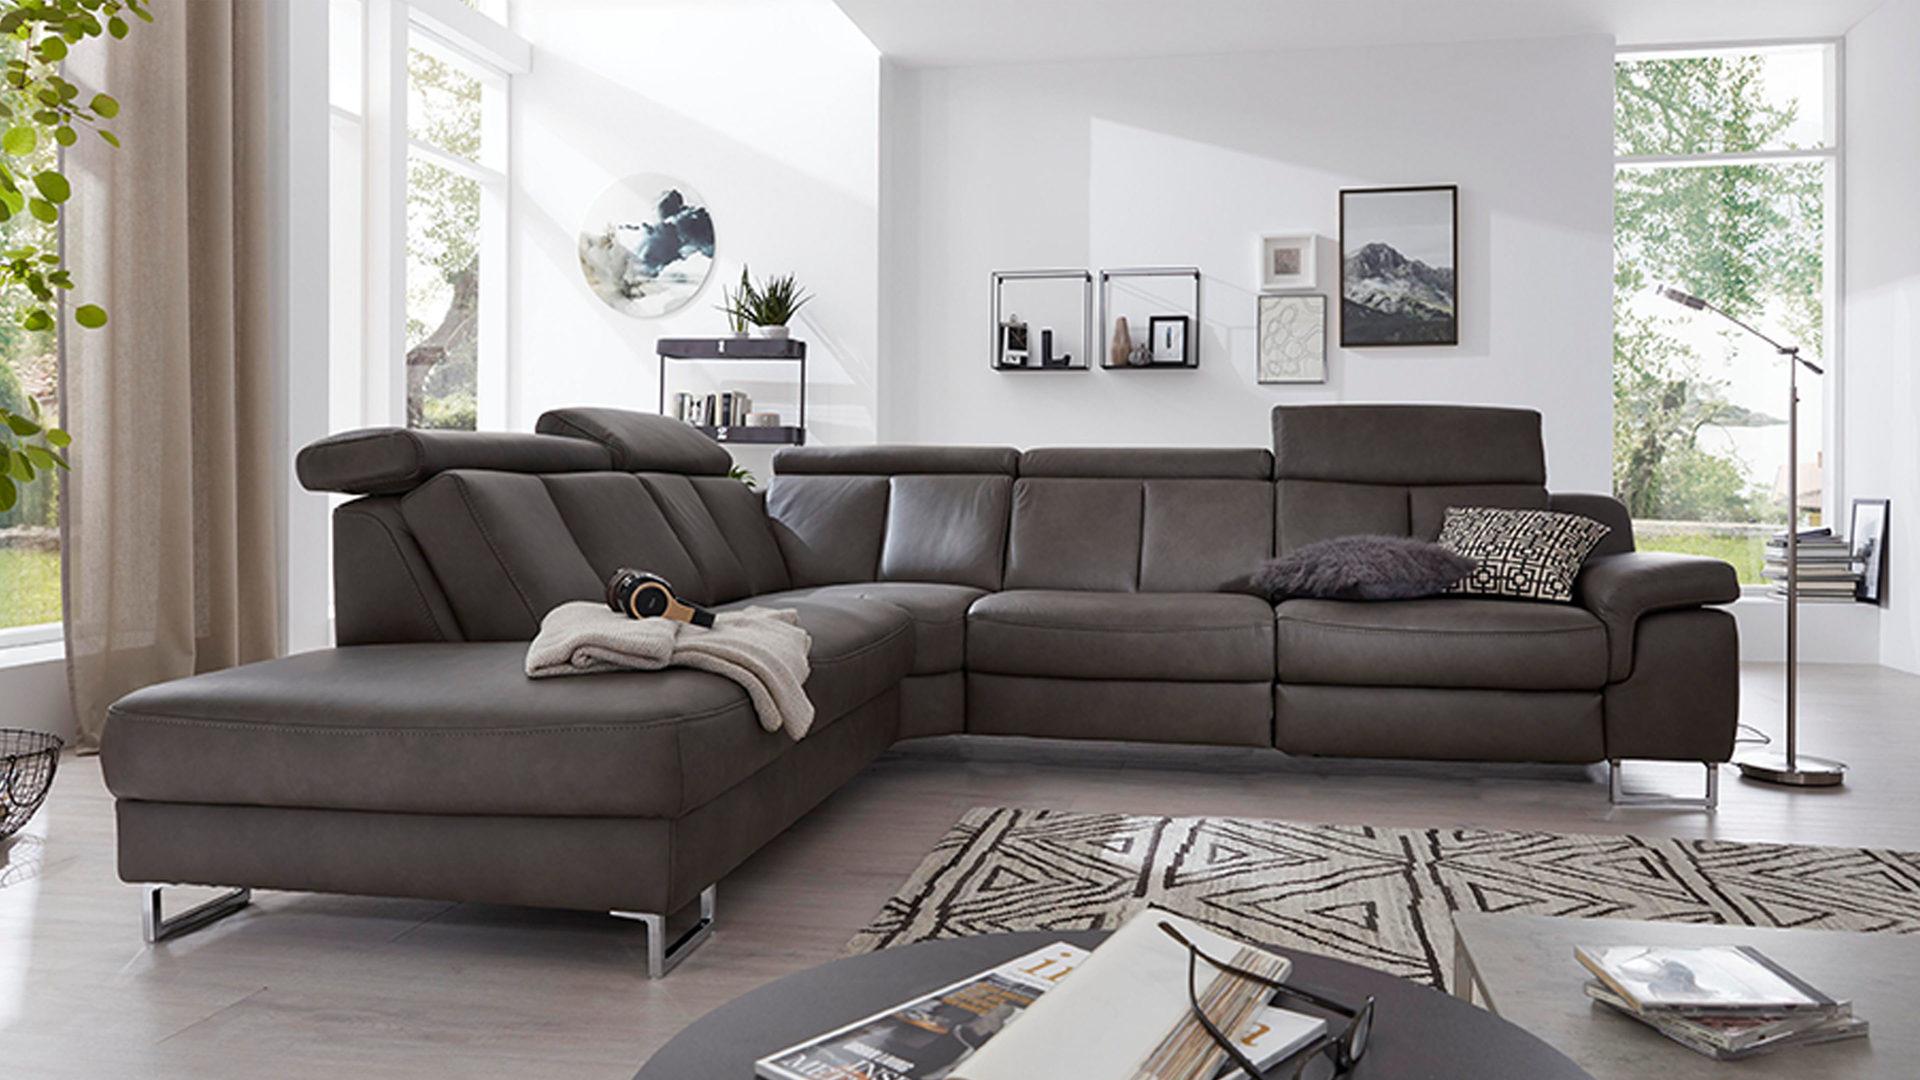 Jobst Wohnwelt Traunreut, Räume, Wohnzimmer, Sofas + Couches ...